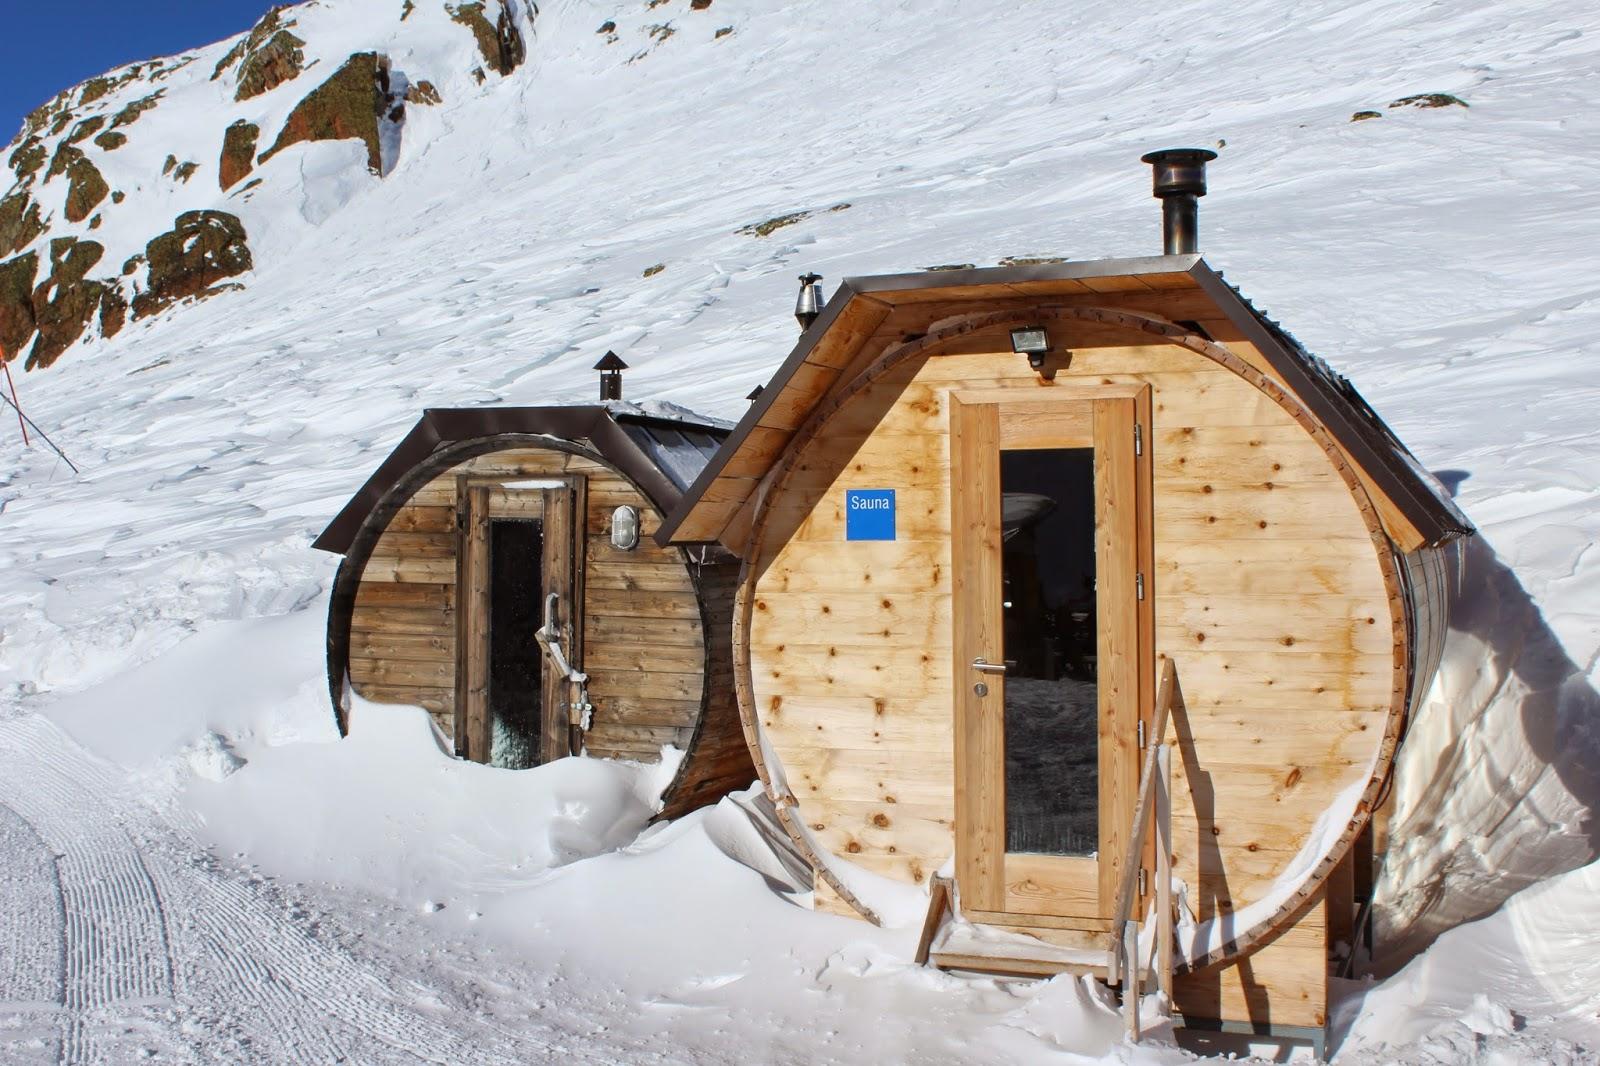 sauna,sauna grawand, val senales,tirol,alpy,w góy na narty gdzie, gdzie wybrac się na narty z dziećmi,podróże zdziećmi,drewniana sauna we włoszech, italy sauna,polska sauny